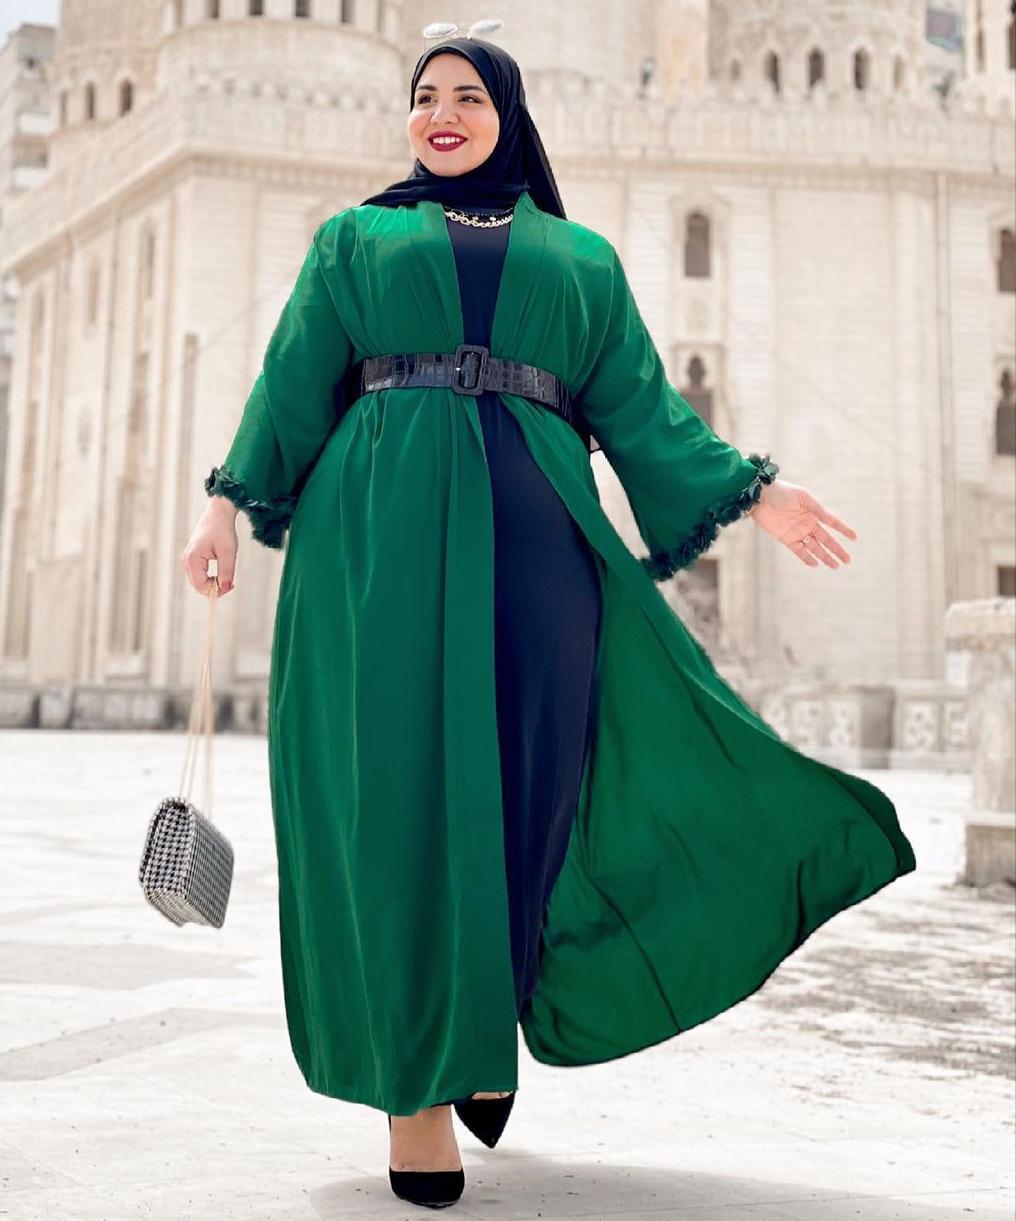 ياسمين وجدي بتنسيق رمضاني لذوات الجسم الممتلئ -الصورة من حسابها على الانستغرام